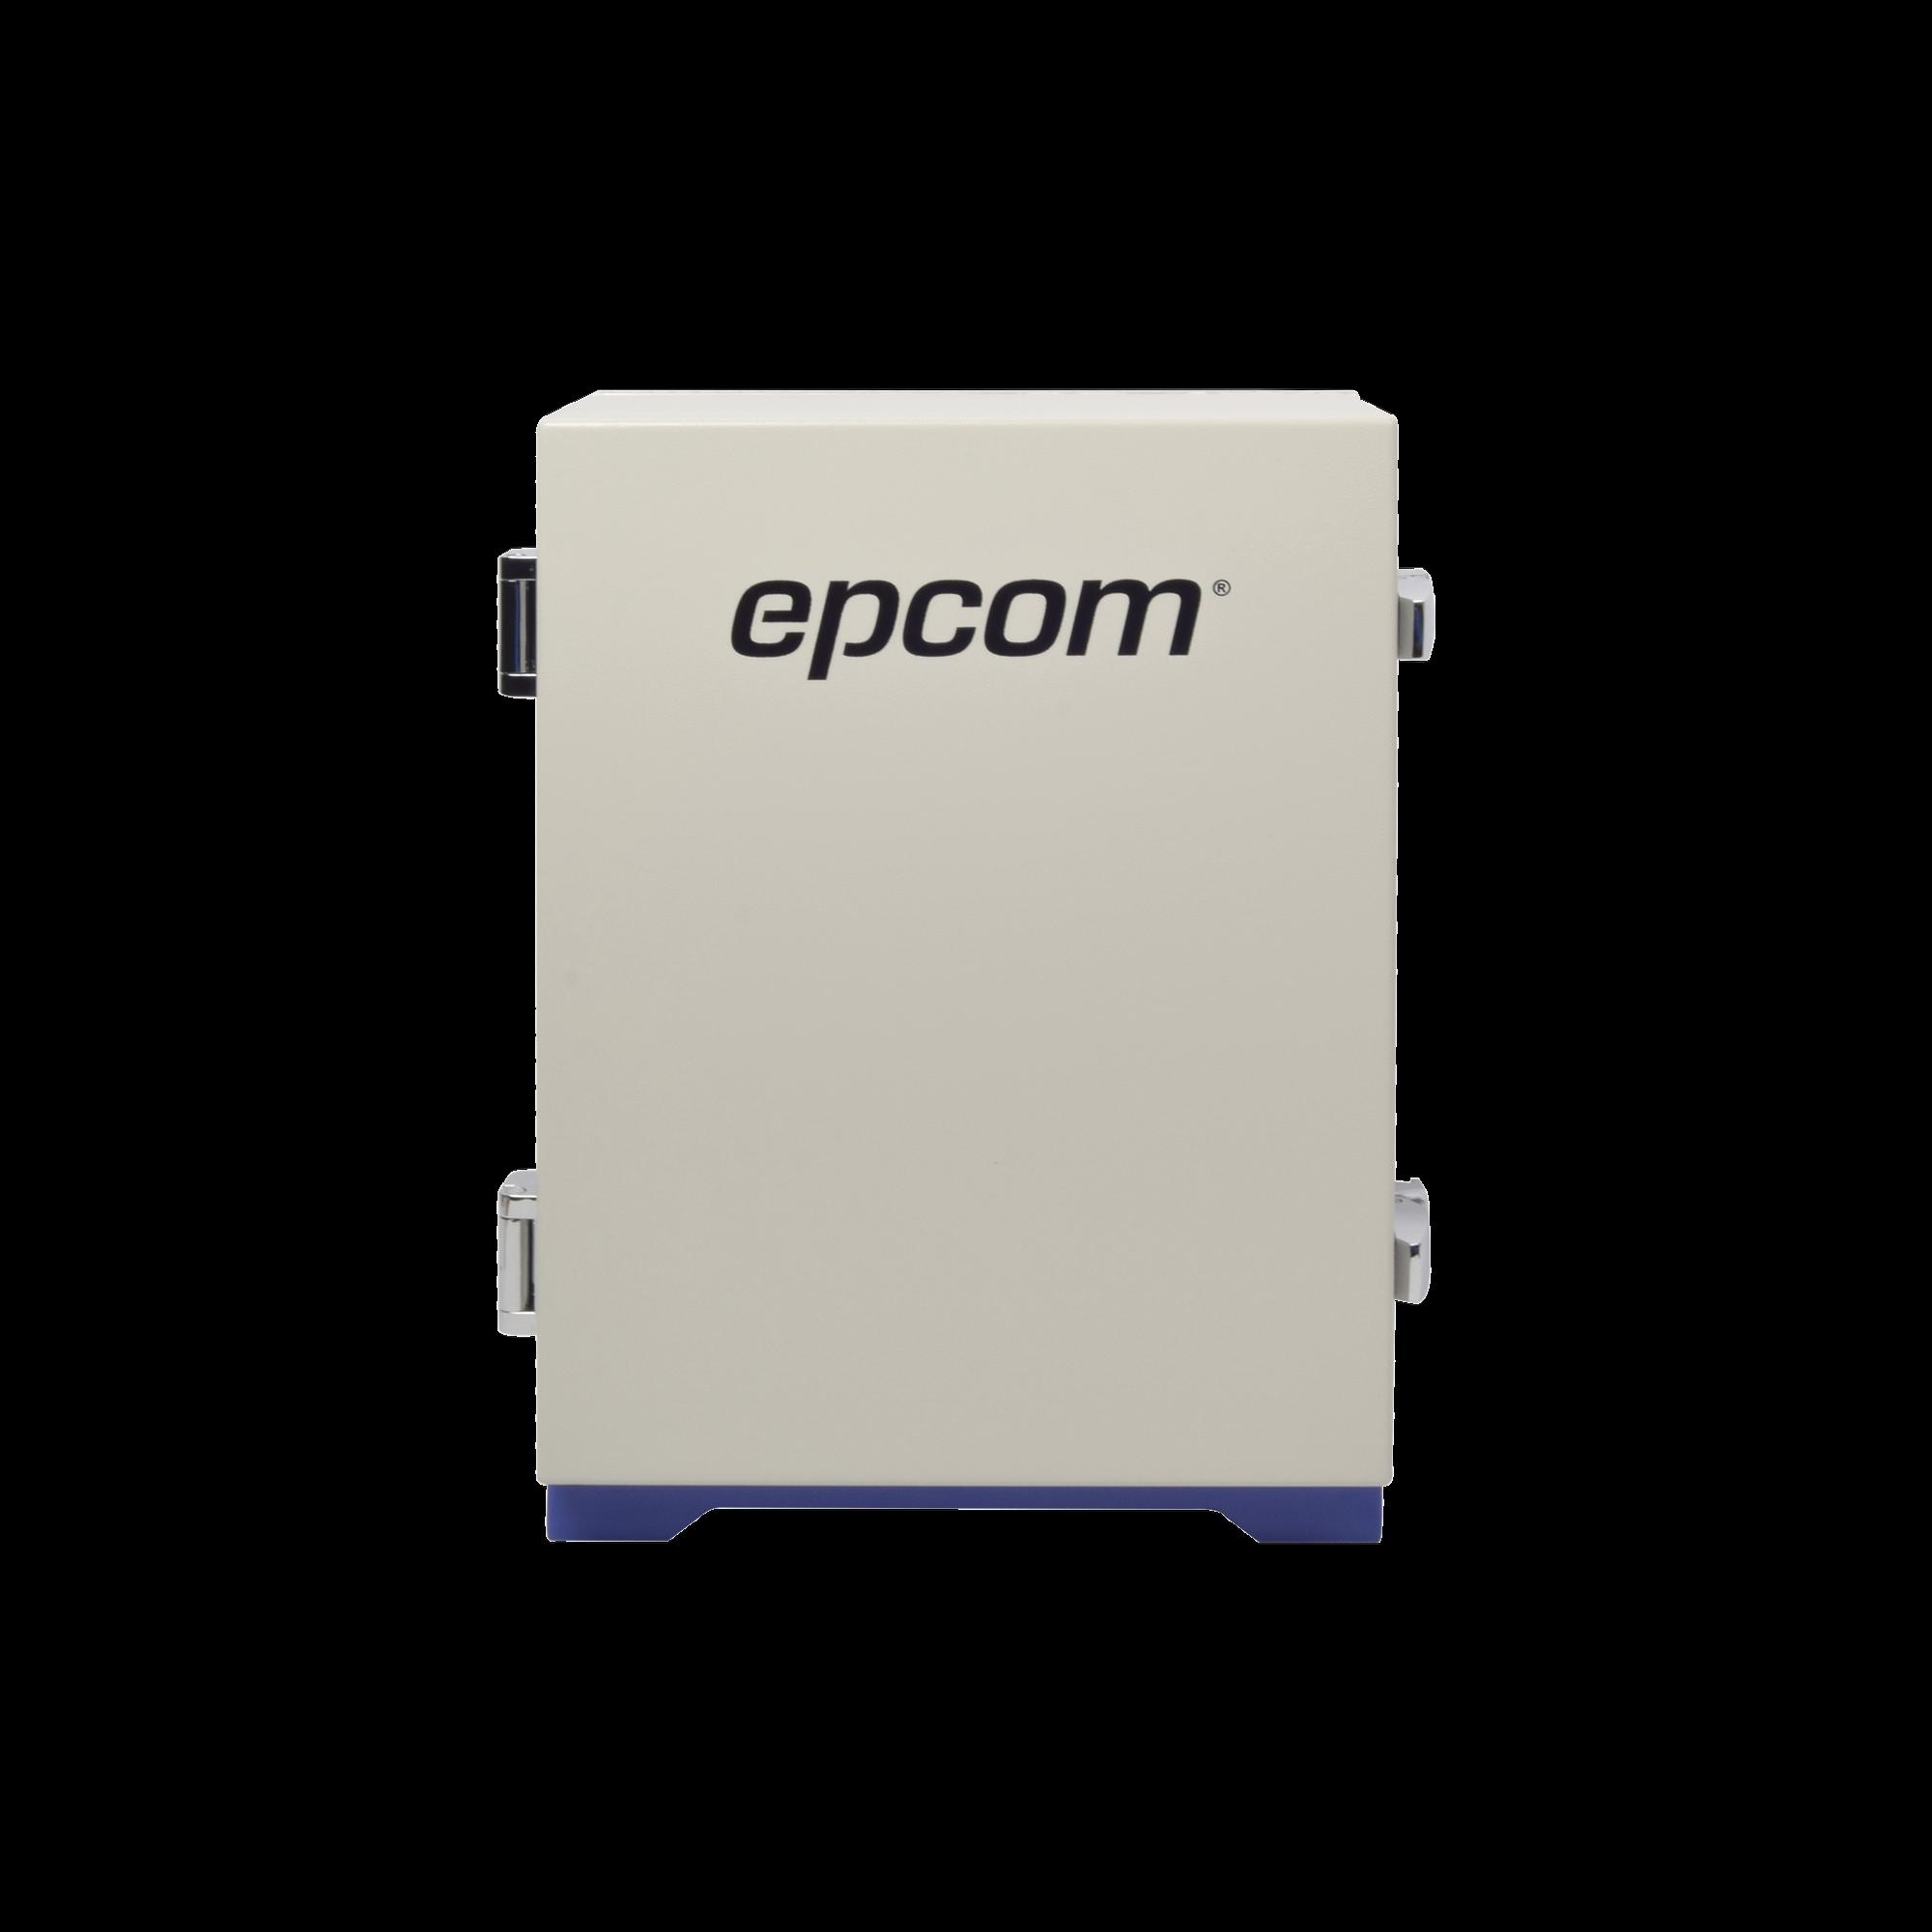 (HASTA 2 KILóMETROS) Amplificador para ampliar cobertura Celular en Exterior | 850 MHz, Banda 5 | Soporta 3G y Mejora las llamadas | 85 dB de Ganancia, 5 Watt de potencia Máxima, hasta 2 km de cobertura.